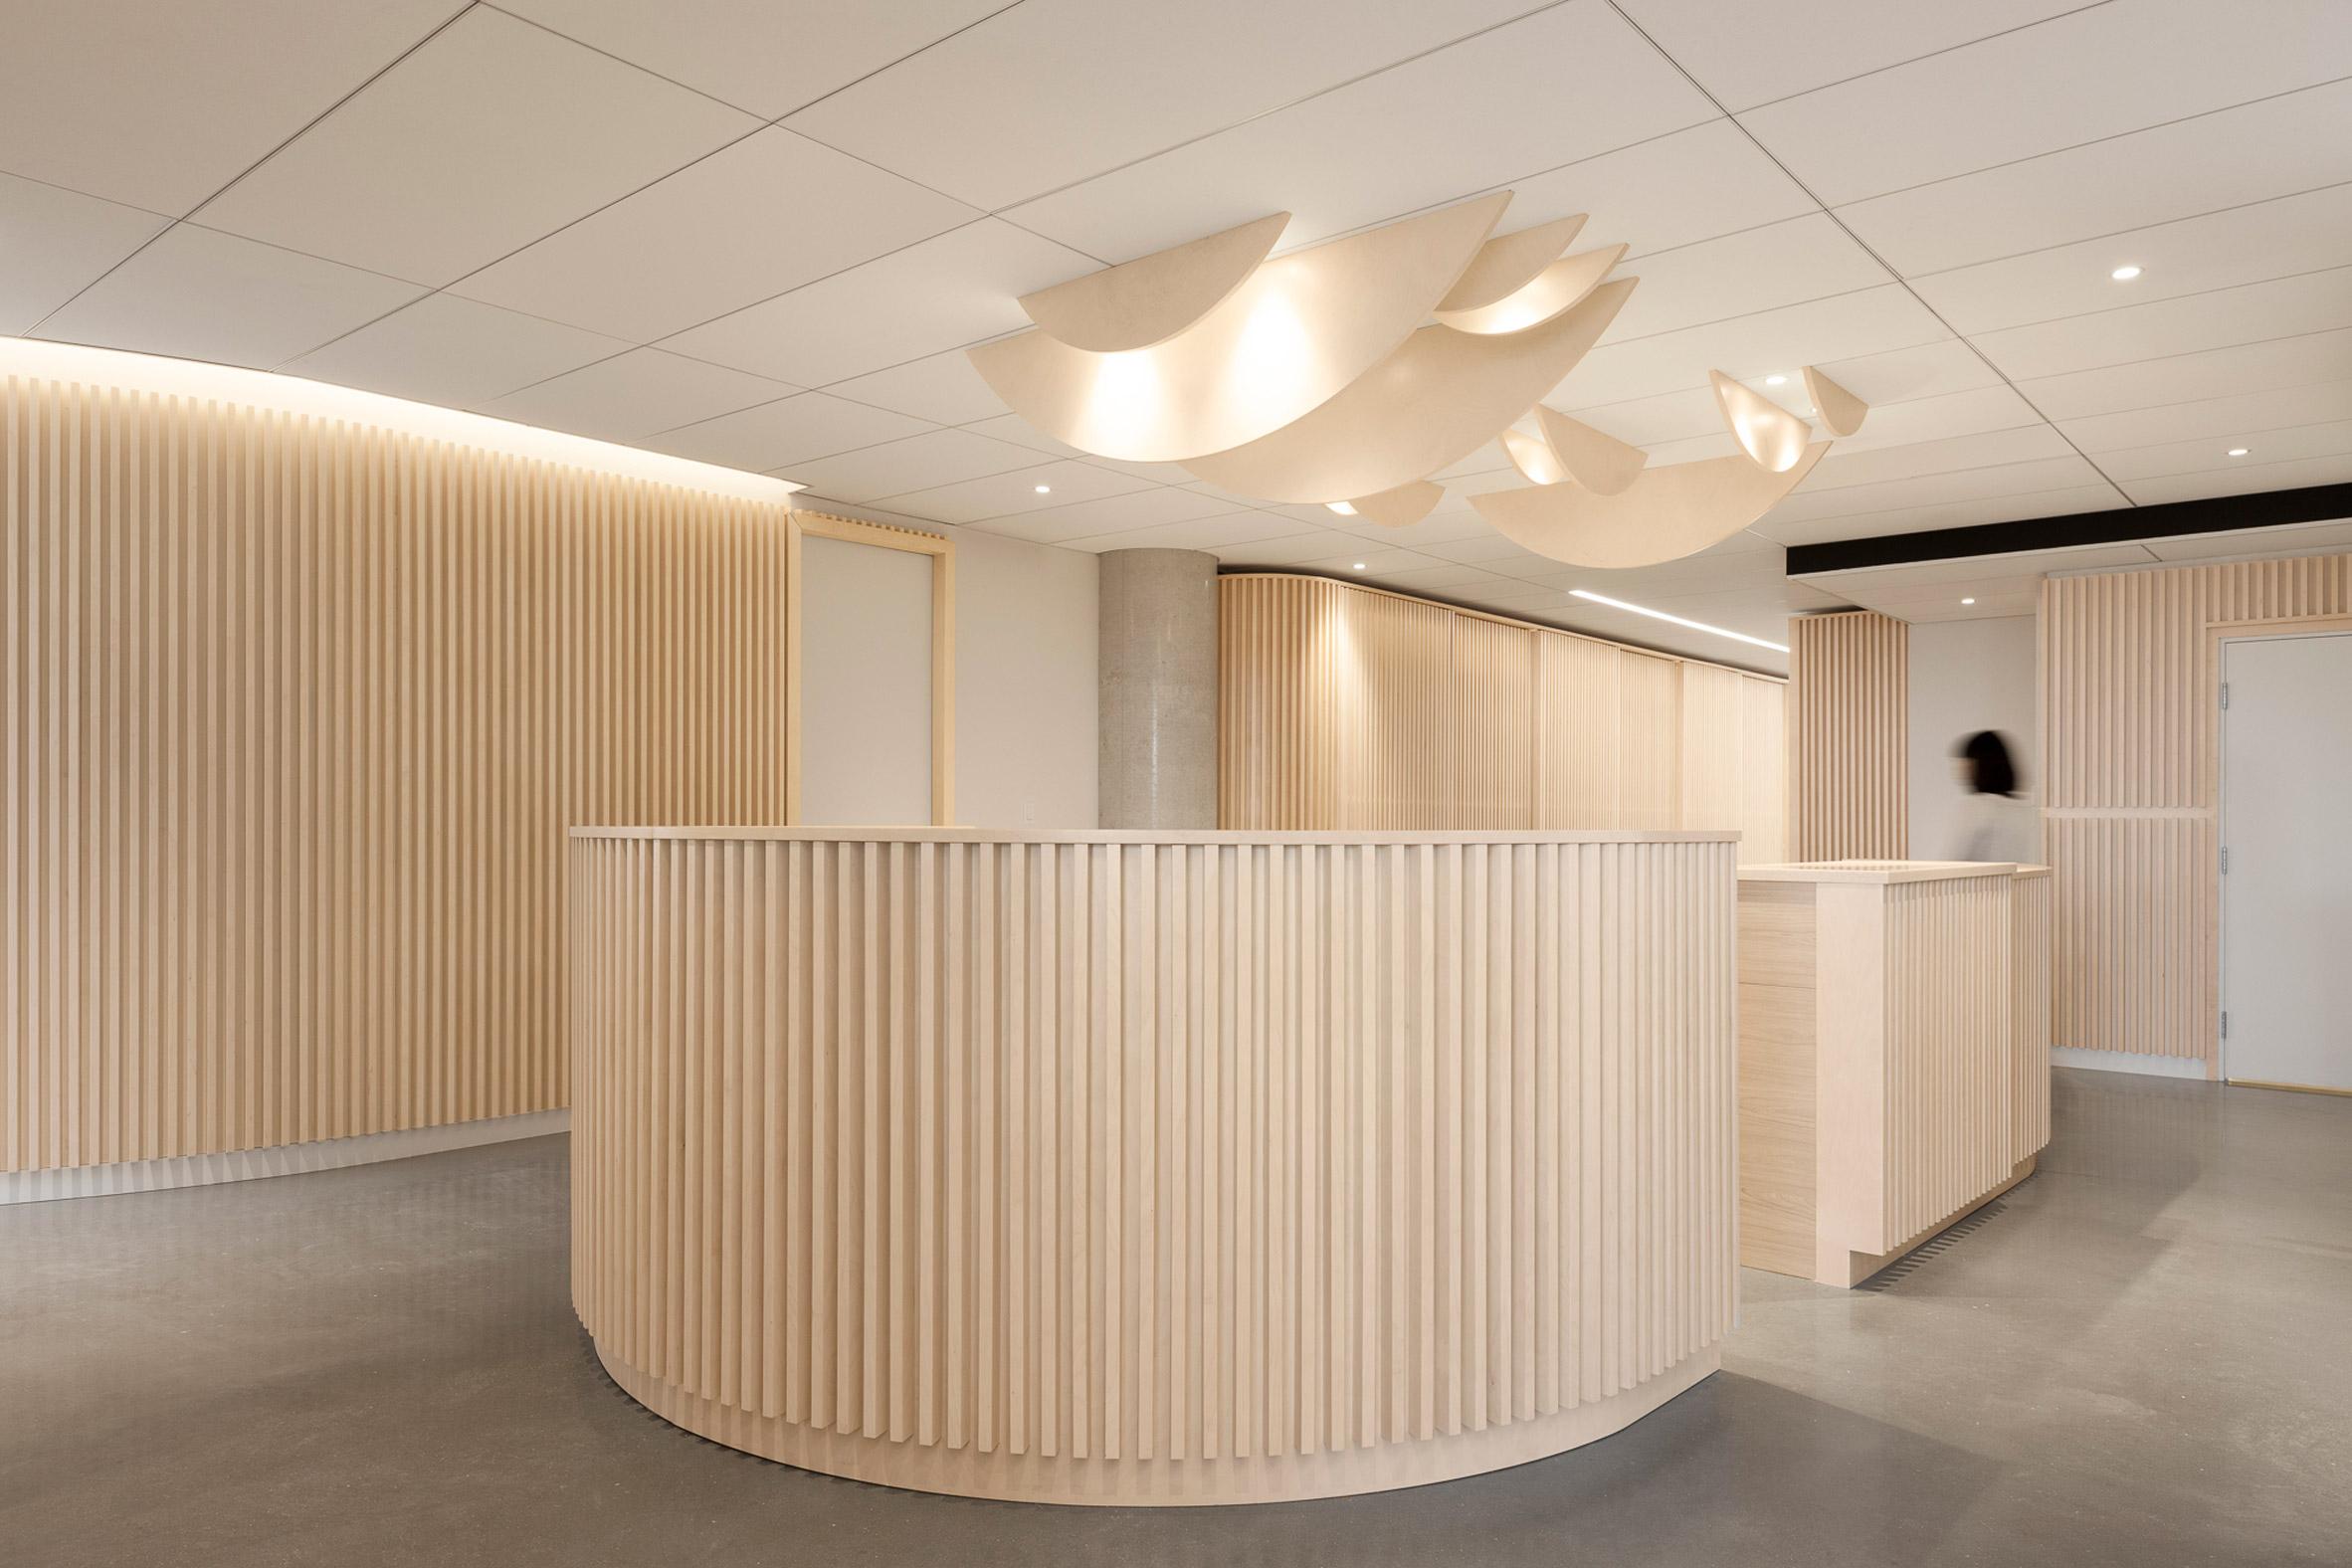 Go Orthodontistes Clinic by Natasha Thorpe Design